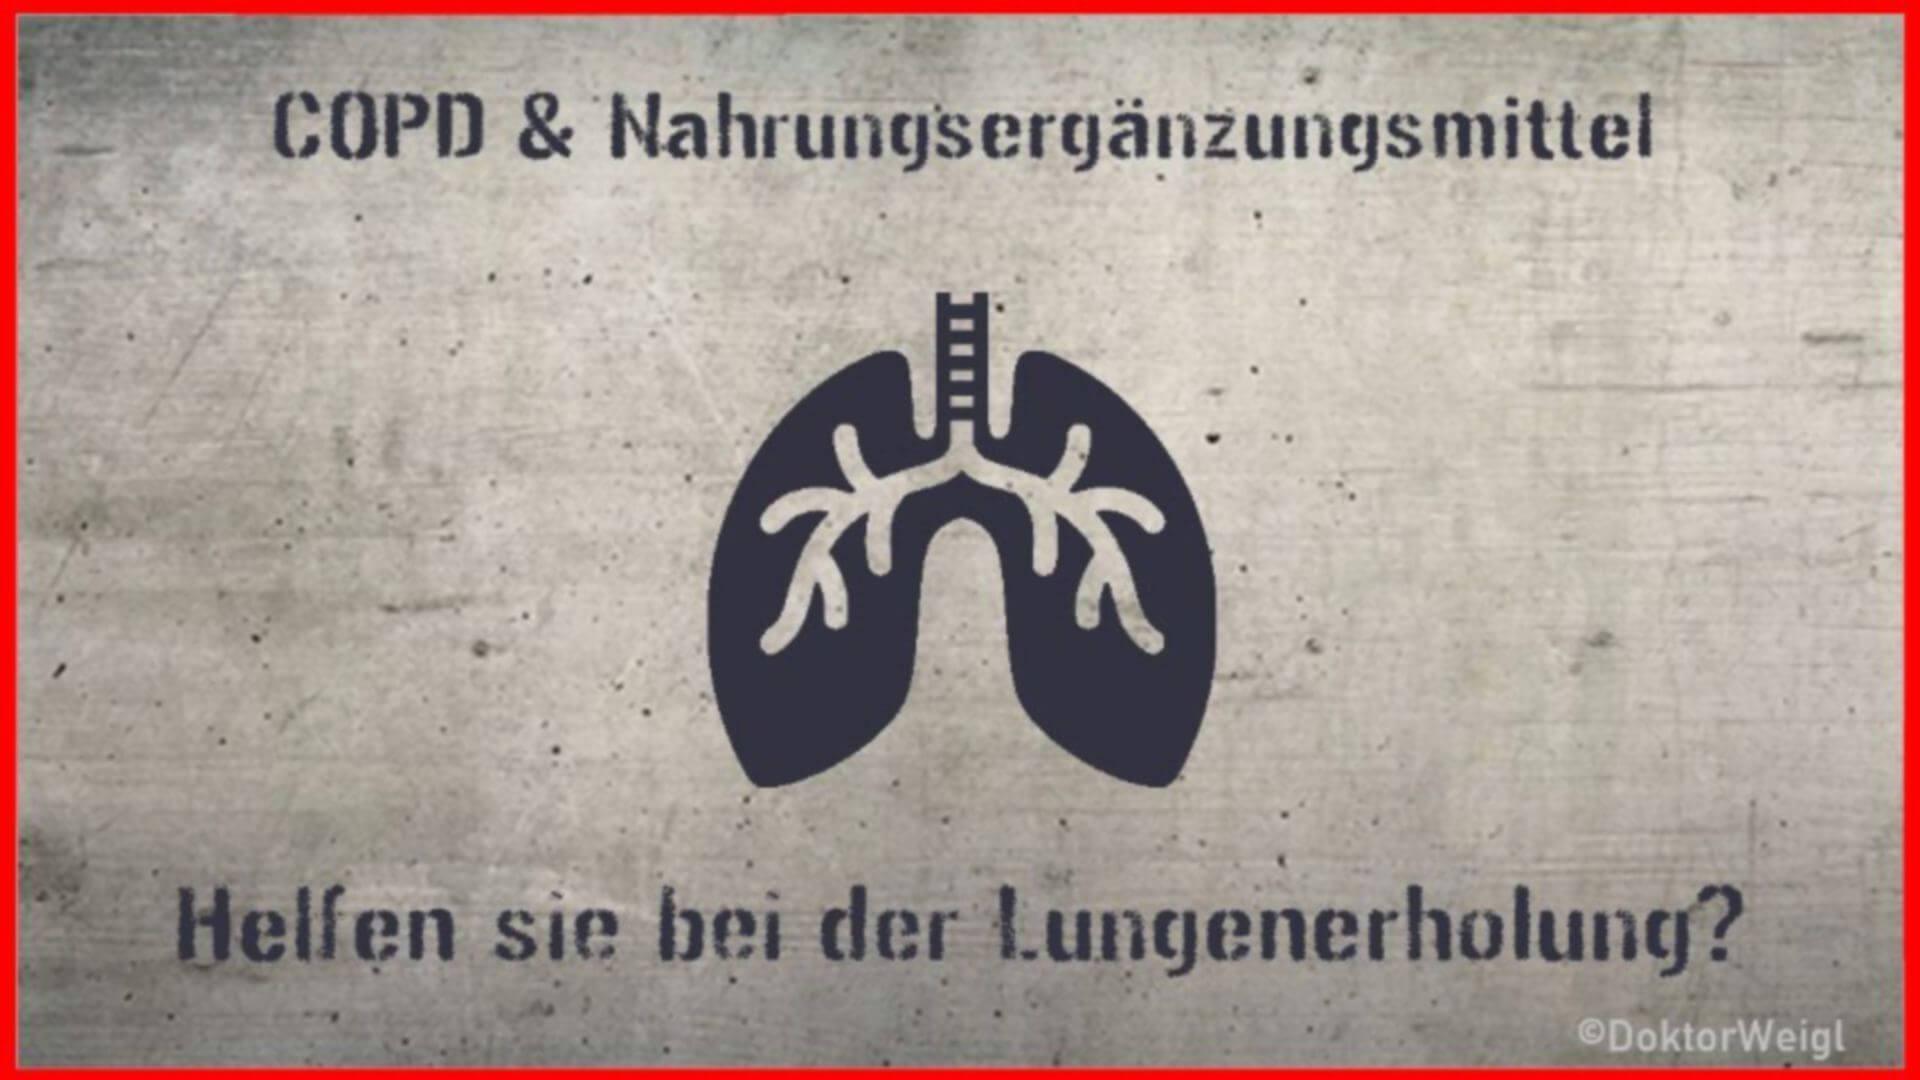 Unterstützen Nahrungssupplemente die Lungenrehabilitation bei COPD?